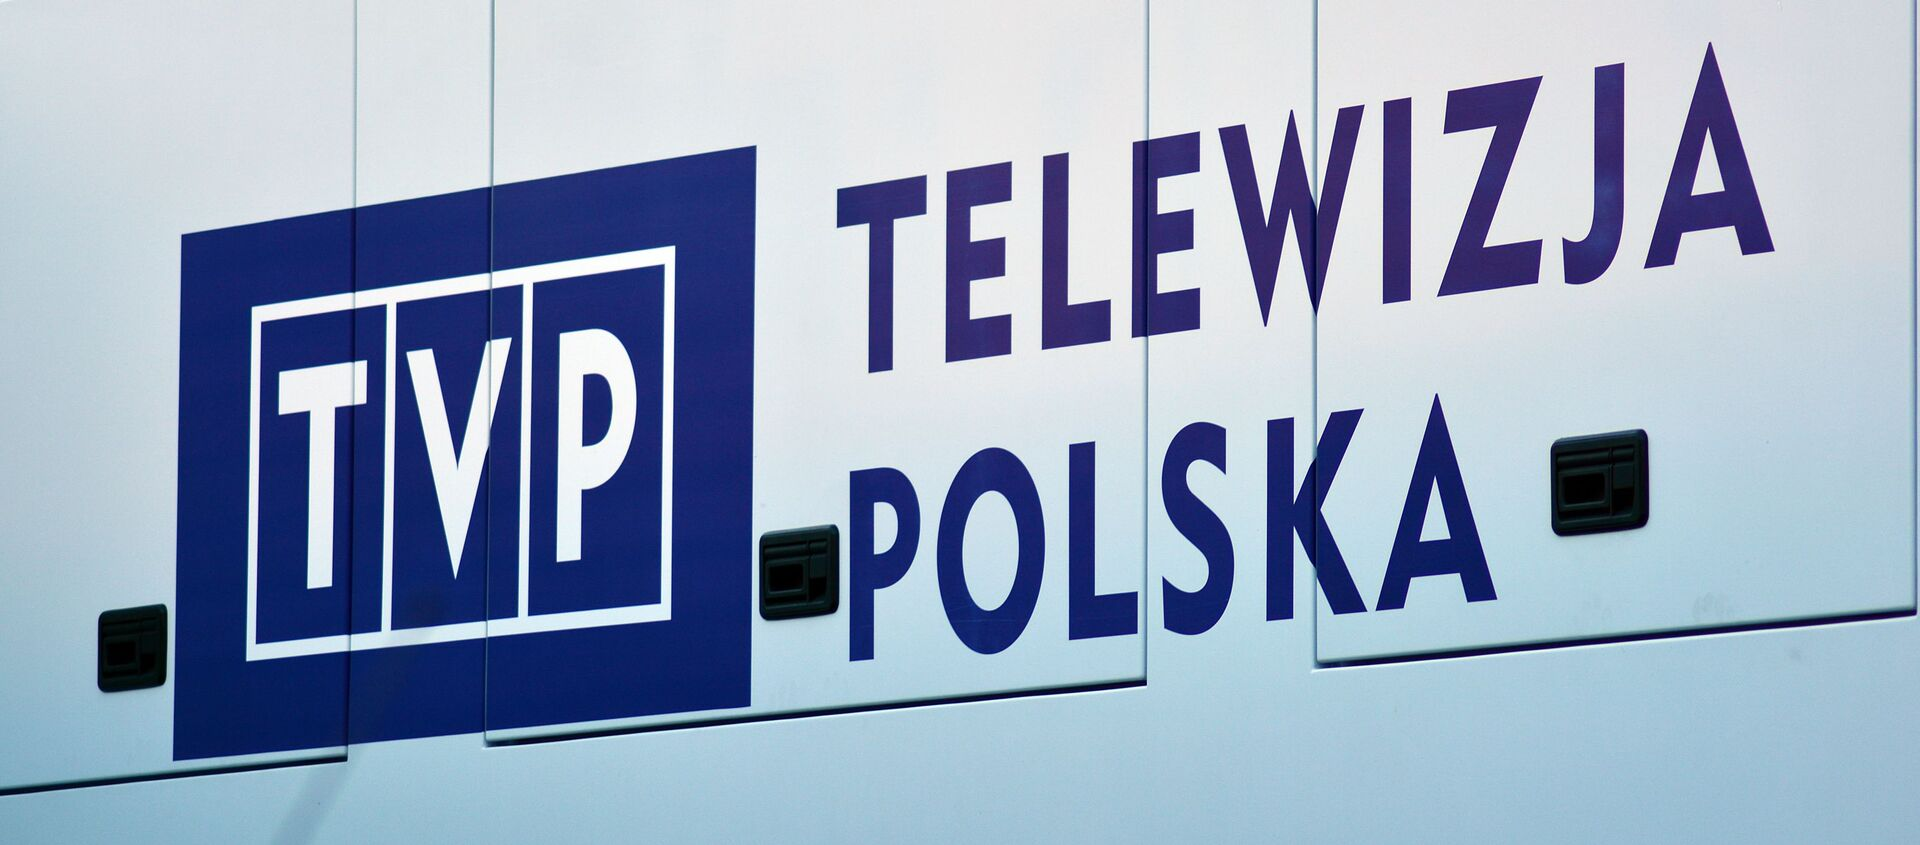 Logotyp polskiego kanału telewizyjnego TVP - Sputnik Polska, 1920, 15.02.2021